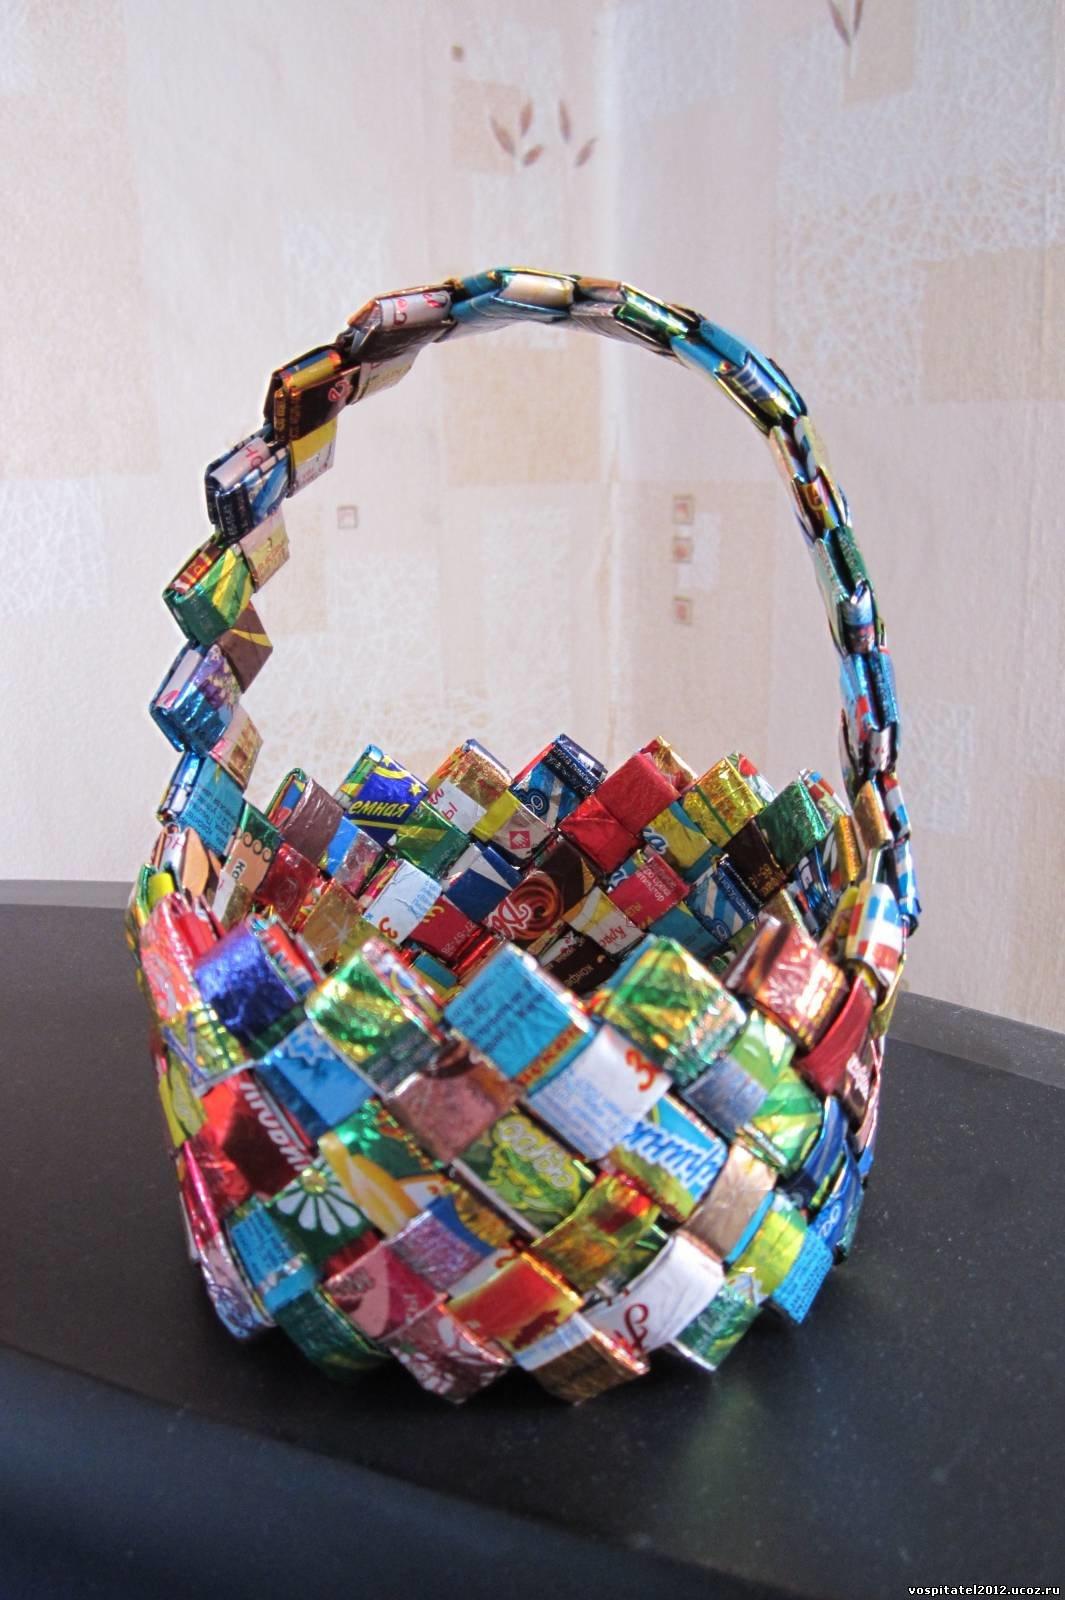 Как сделать своими руками корзину из конфет своими руками фото в деталях